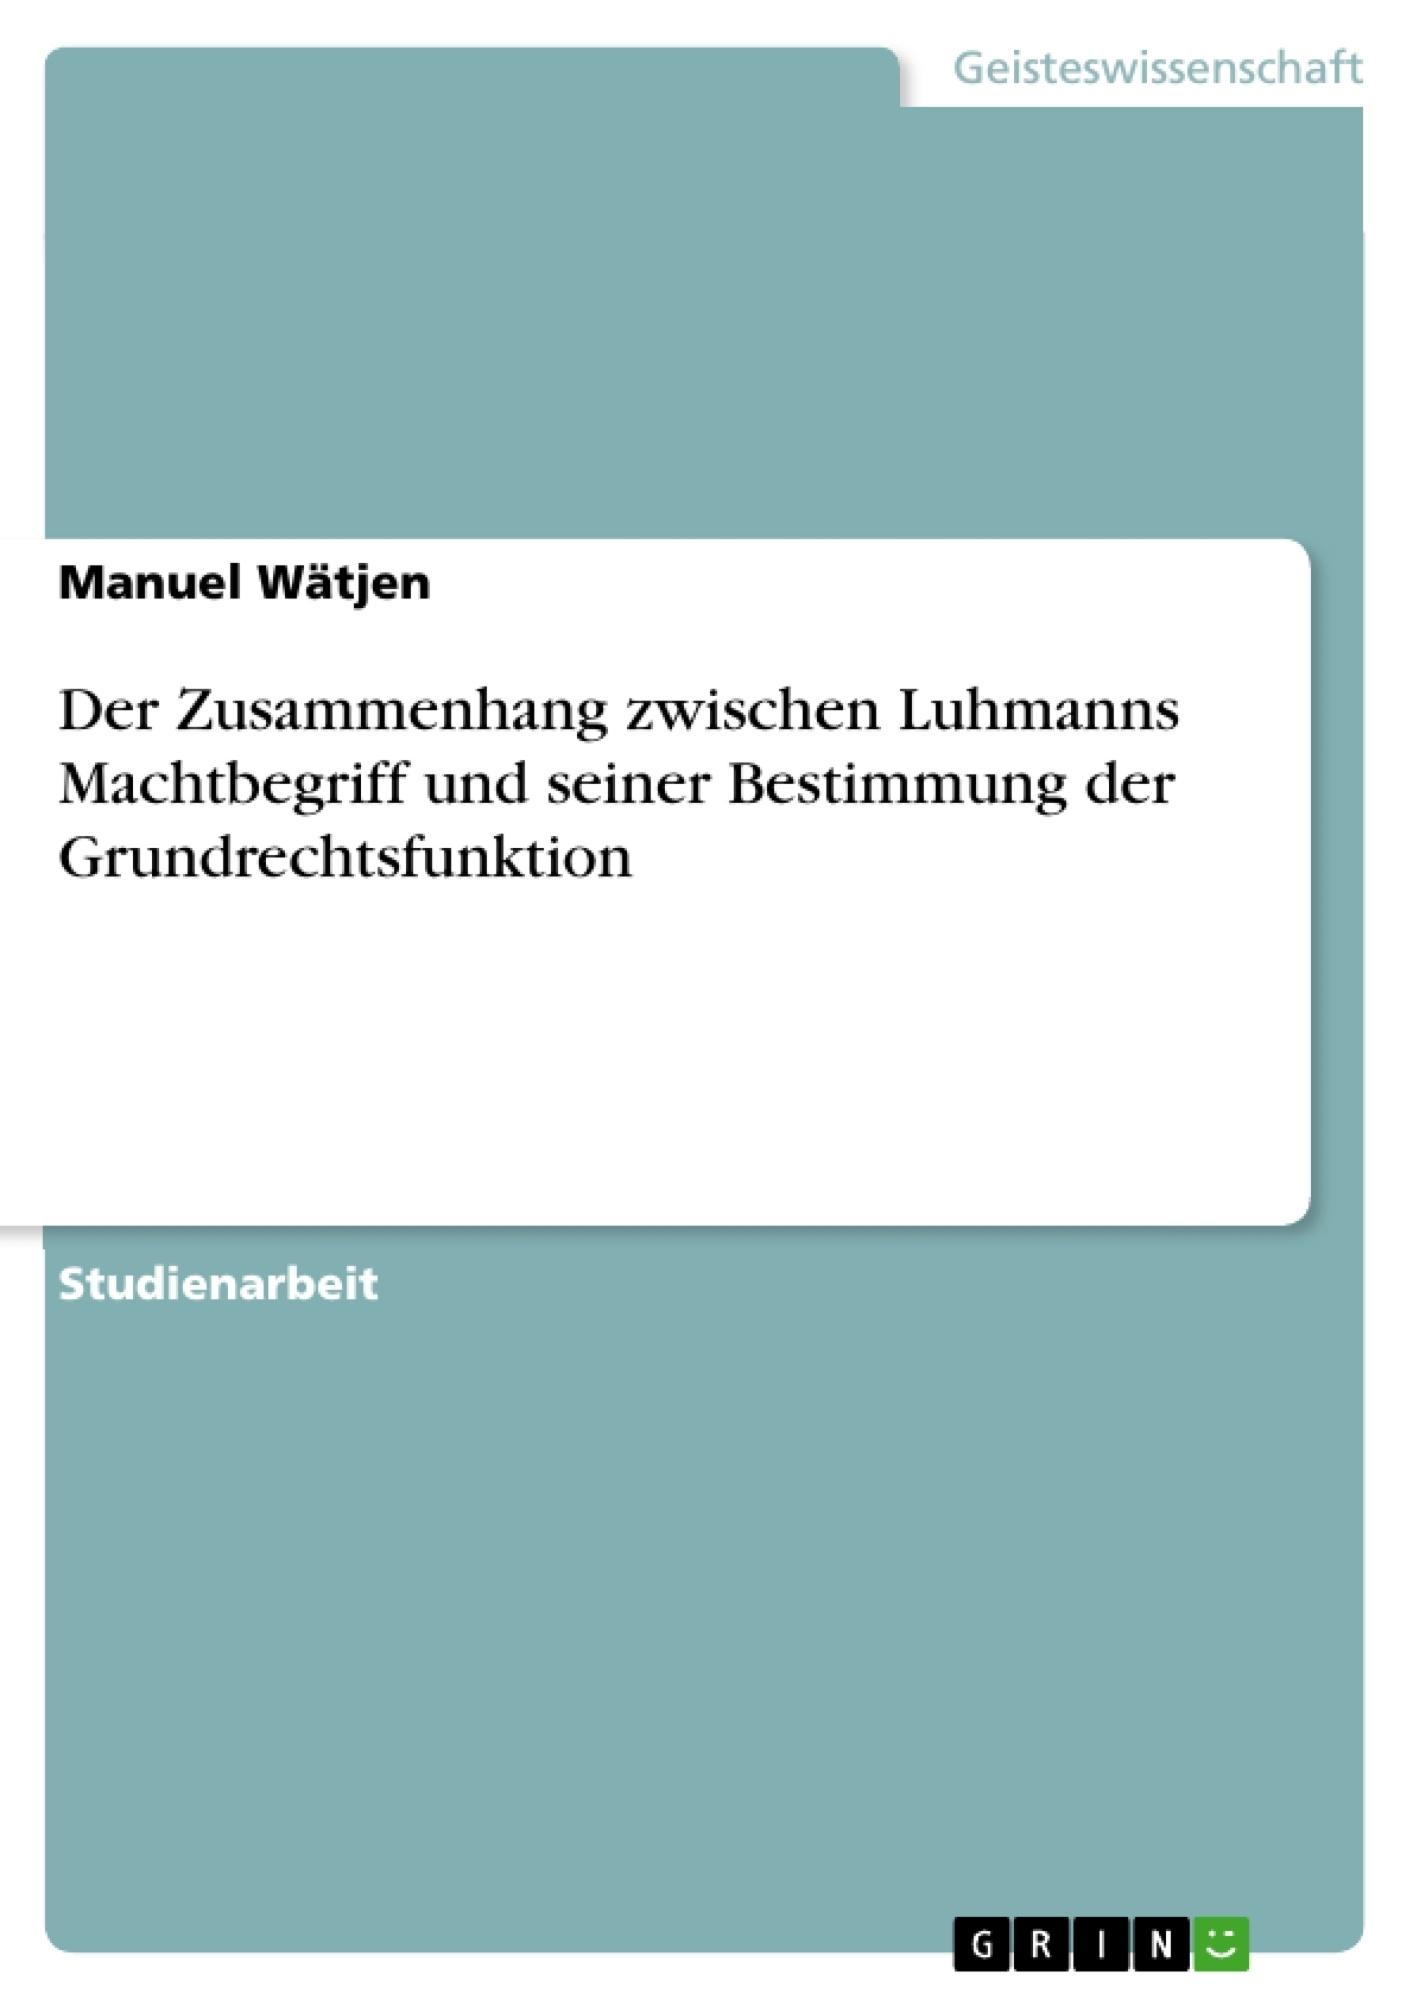 Titel: Der Zusammenhang zwischen Luhmanns Machtbegriff und seiner Bestimmung der Grundrechtsfunktion